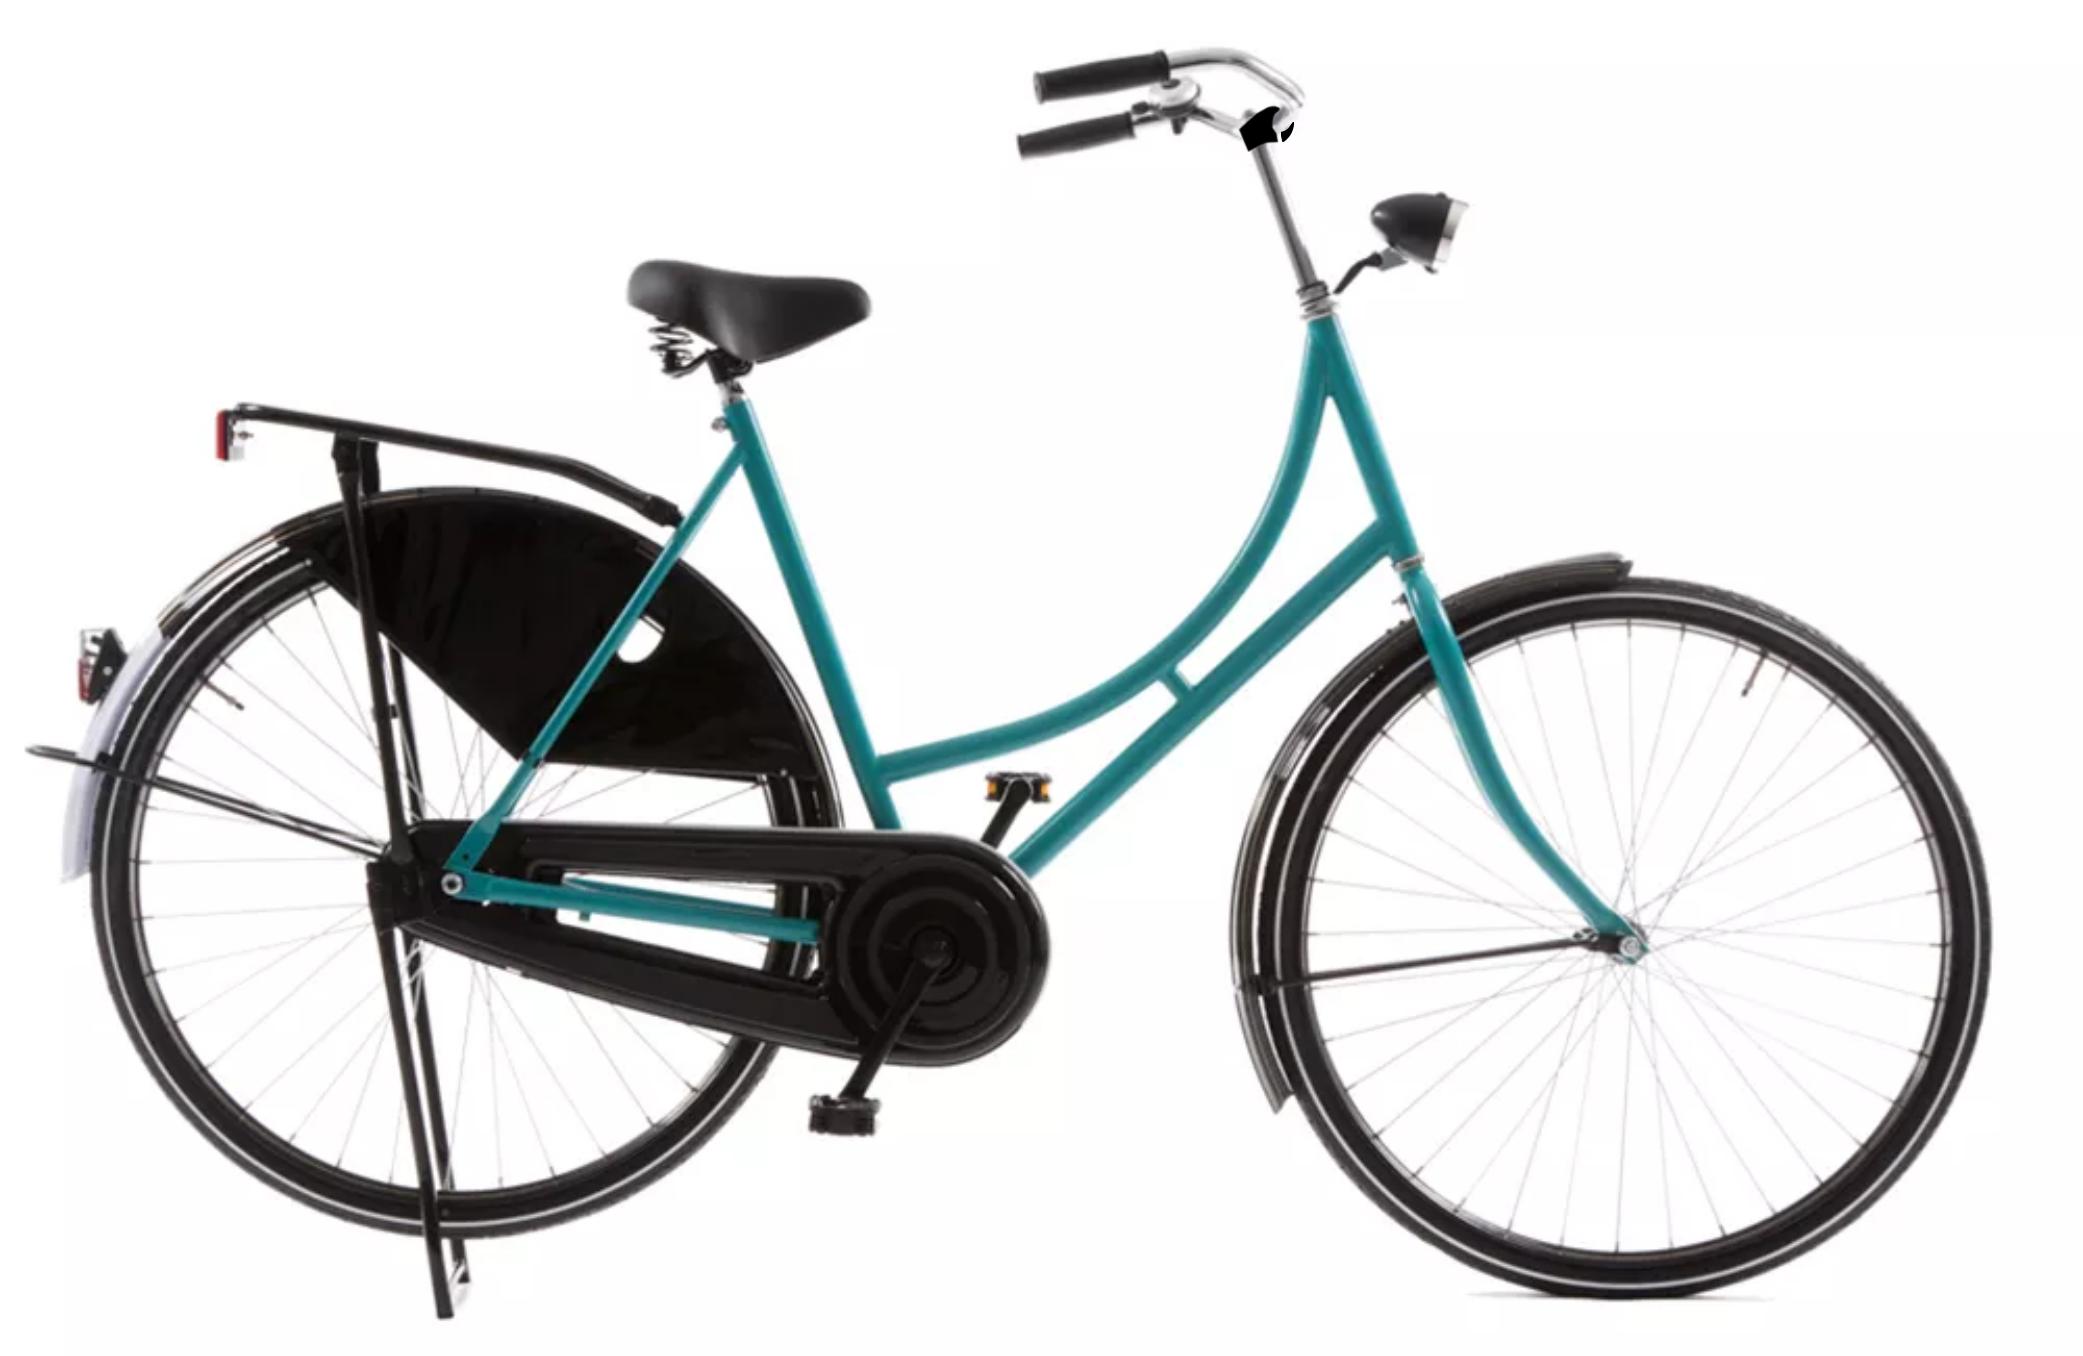 BICYCLETTES DE HOLLANDE MADAMES COULEUR